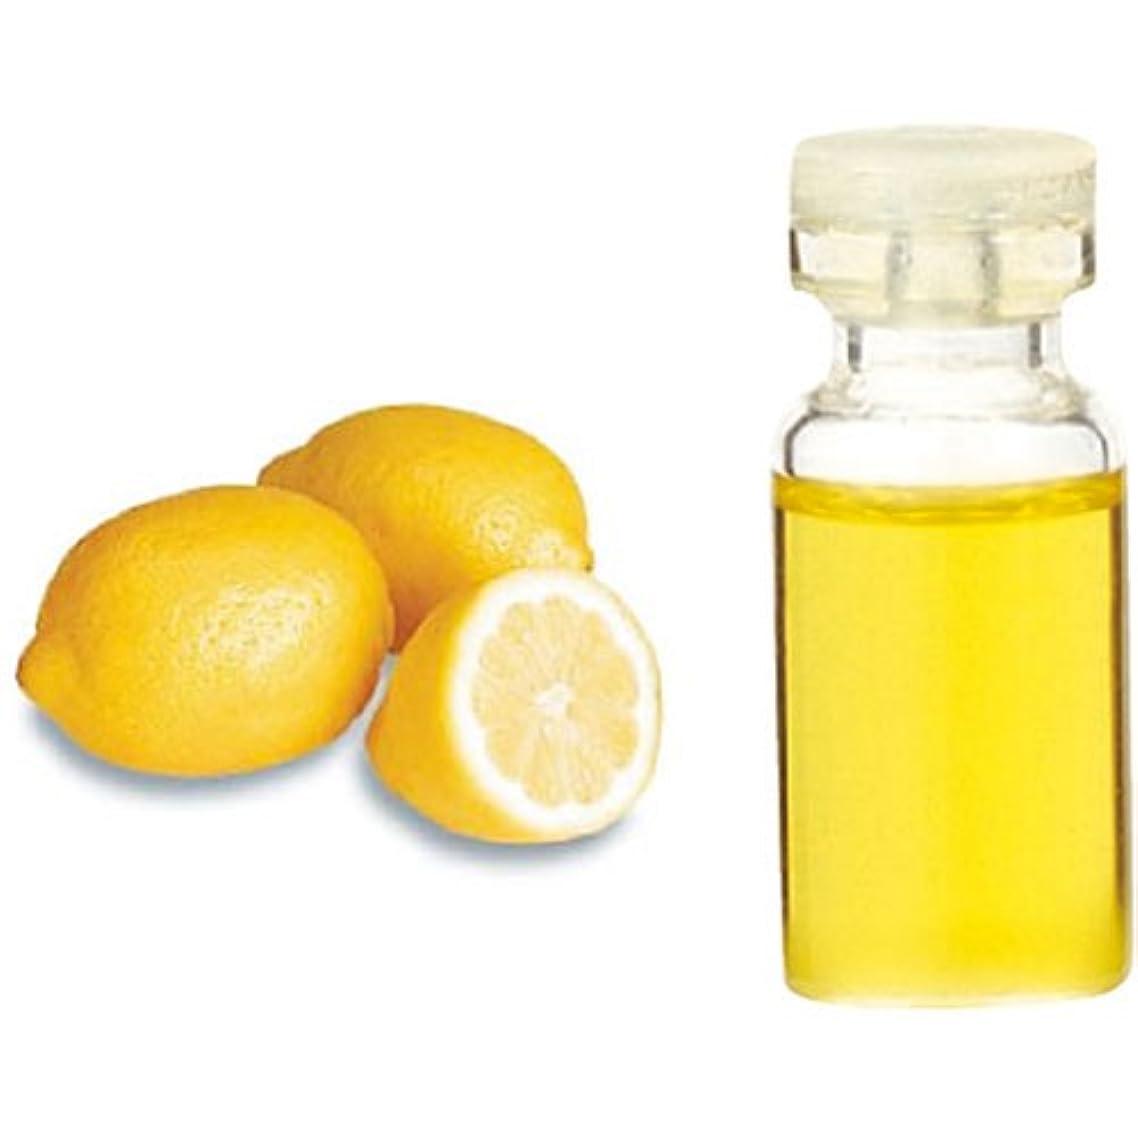 ホステスセッティング自明生活の木 C レモン エッセンシャルオイル 10ml